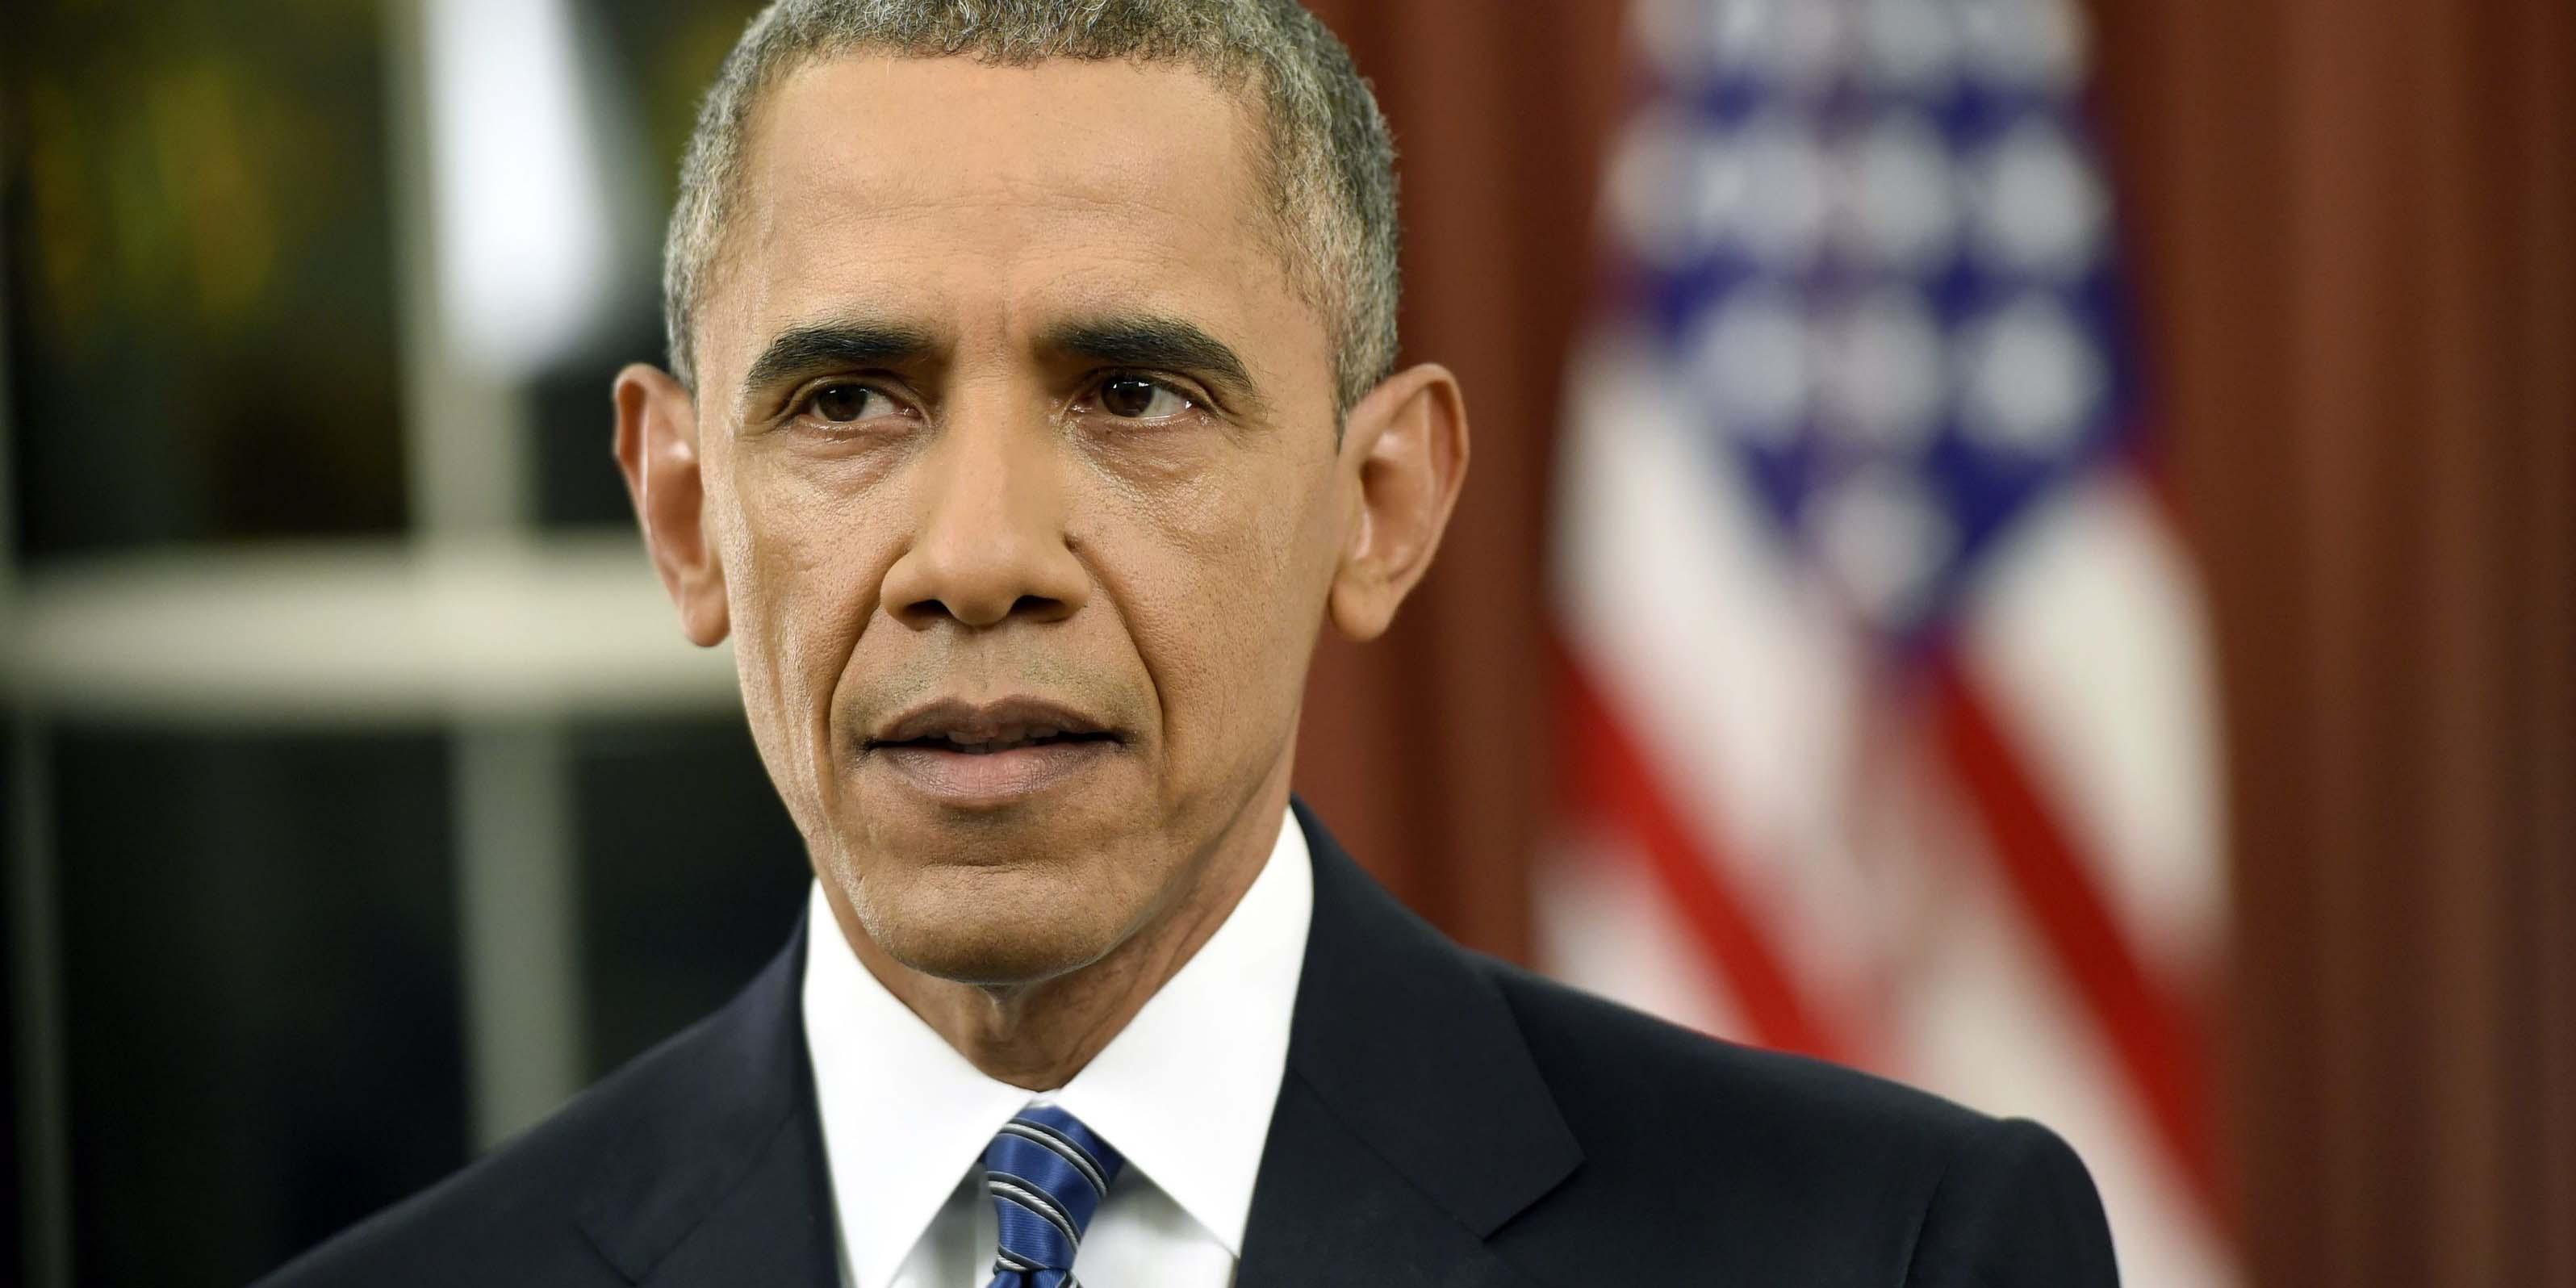 ایران به تعهداتش پایبند بوده/ برجام به آسانی قابل کنارگذاشتن نیست